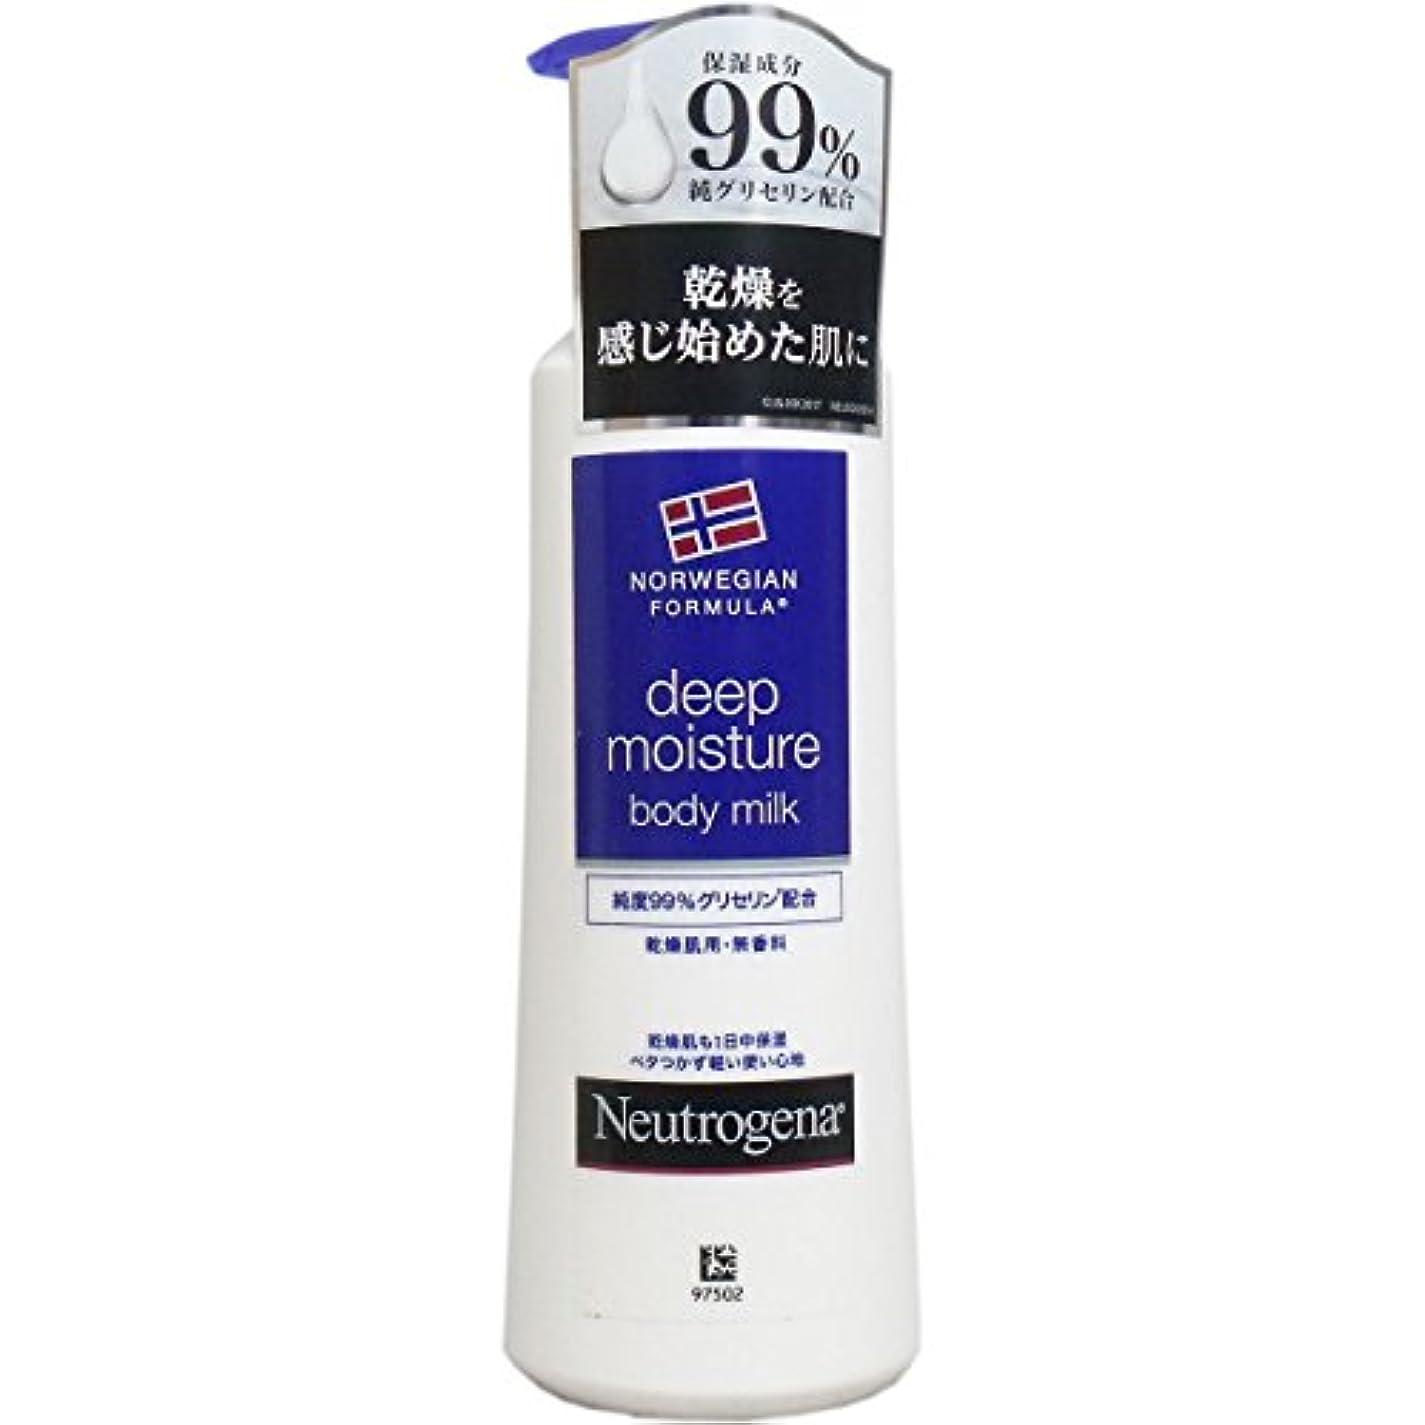 ピン対象足音【まとめ買い】Neutrogena(ニュートロジーナ) ノルウェーフォーミュラ ディープモイスチャー ボディミルク 乾燥肌用 無香料 250ml×7個